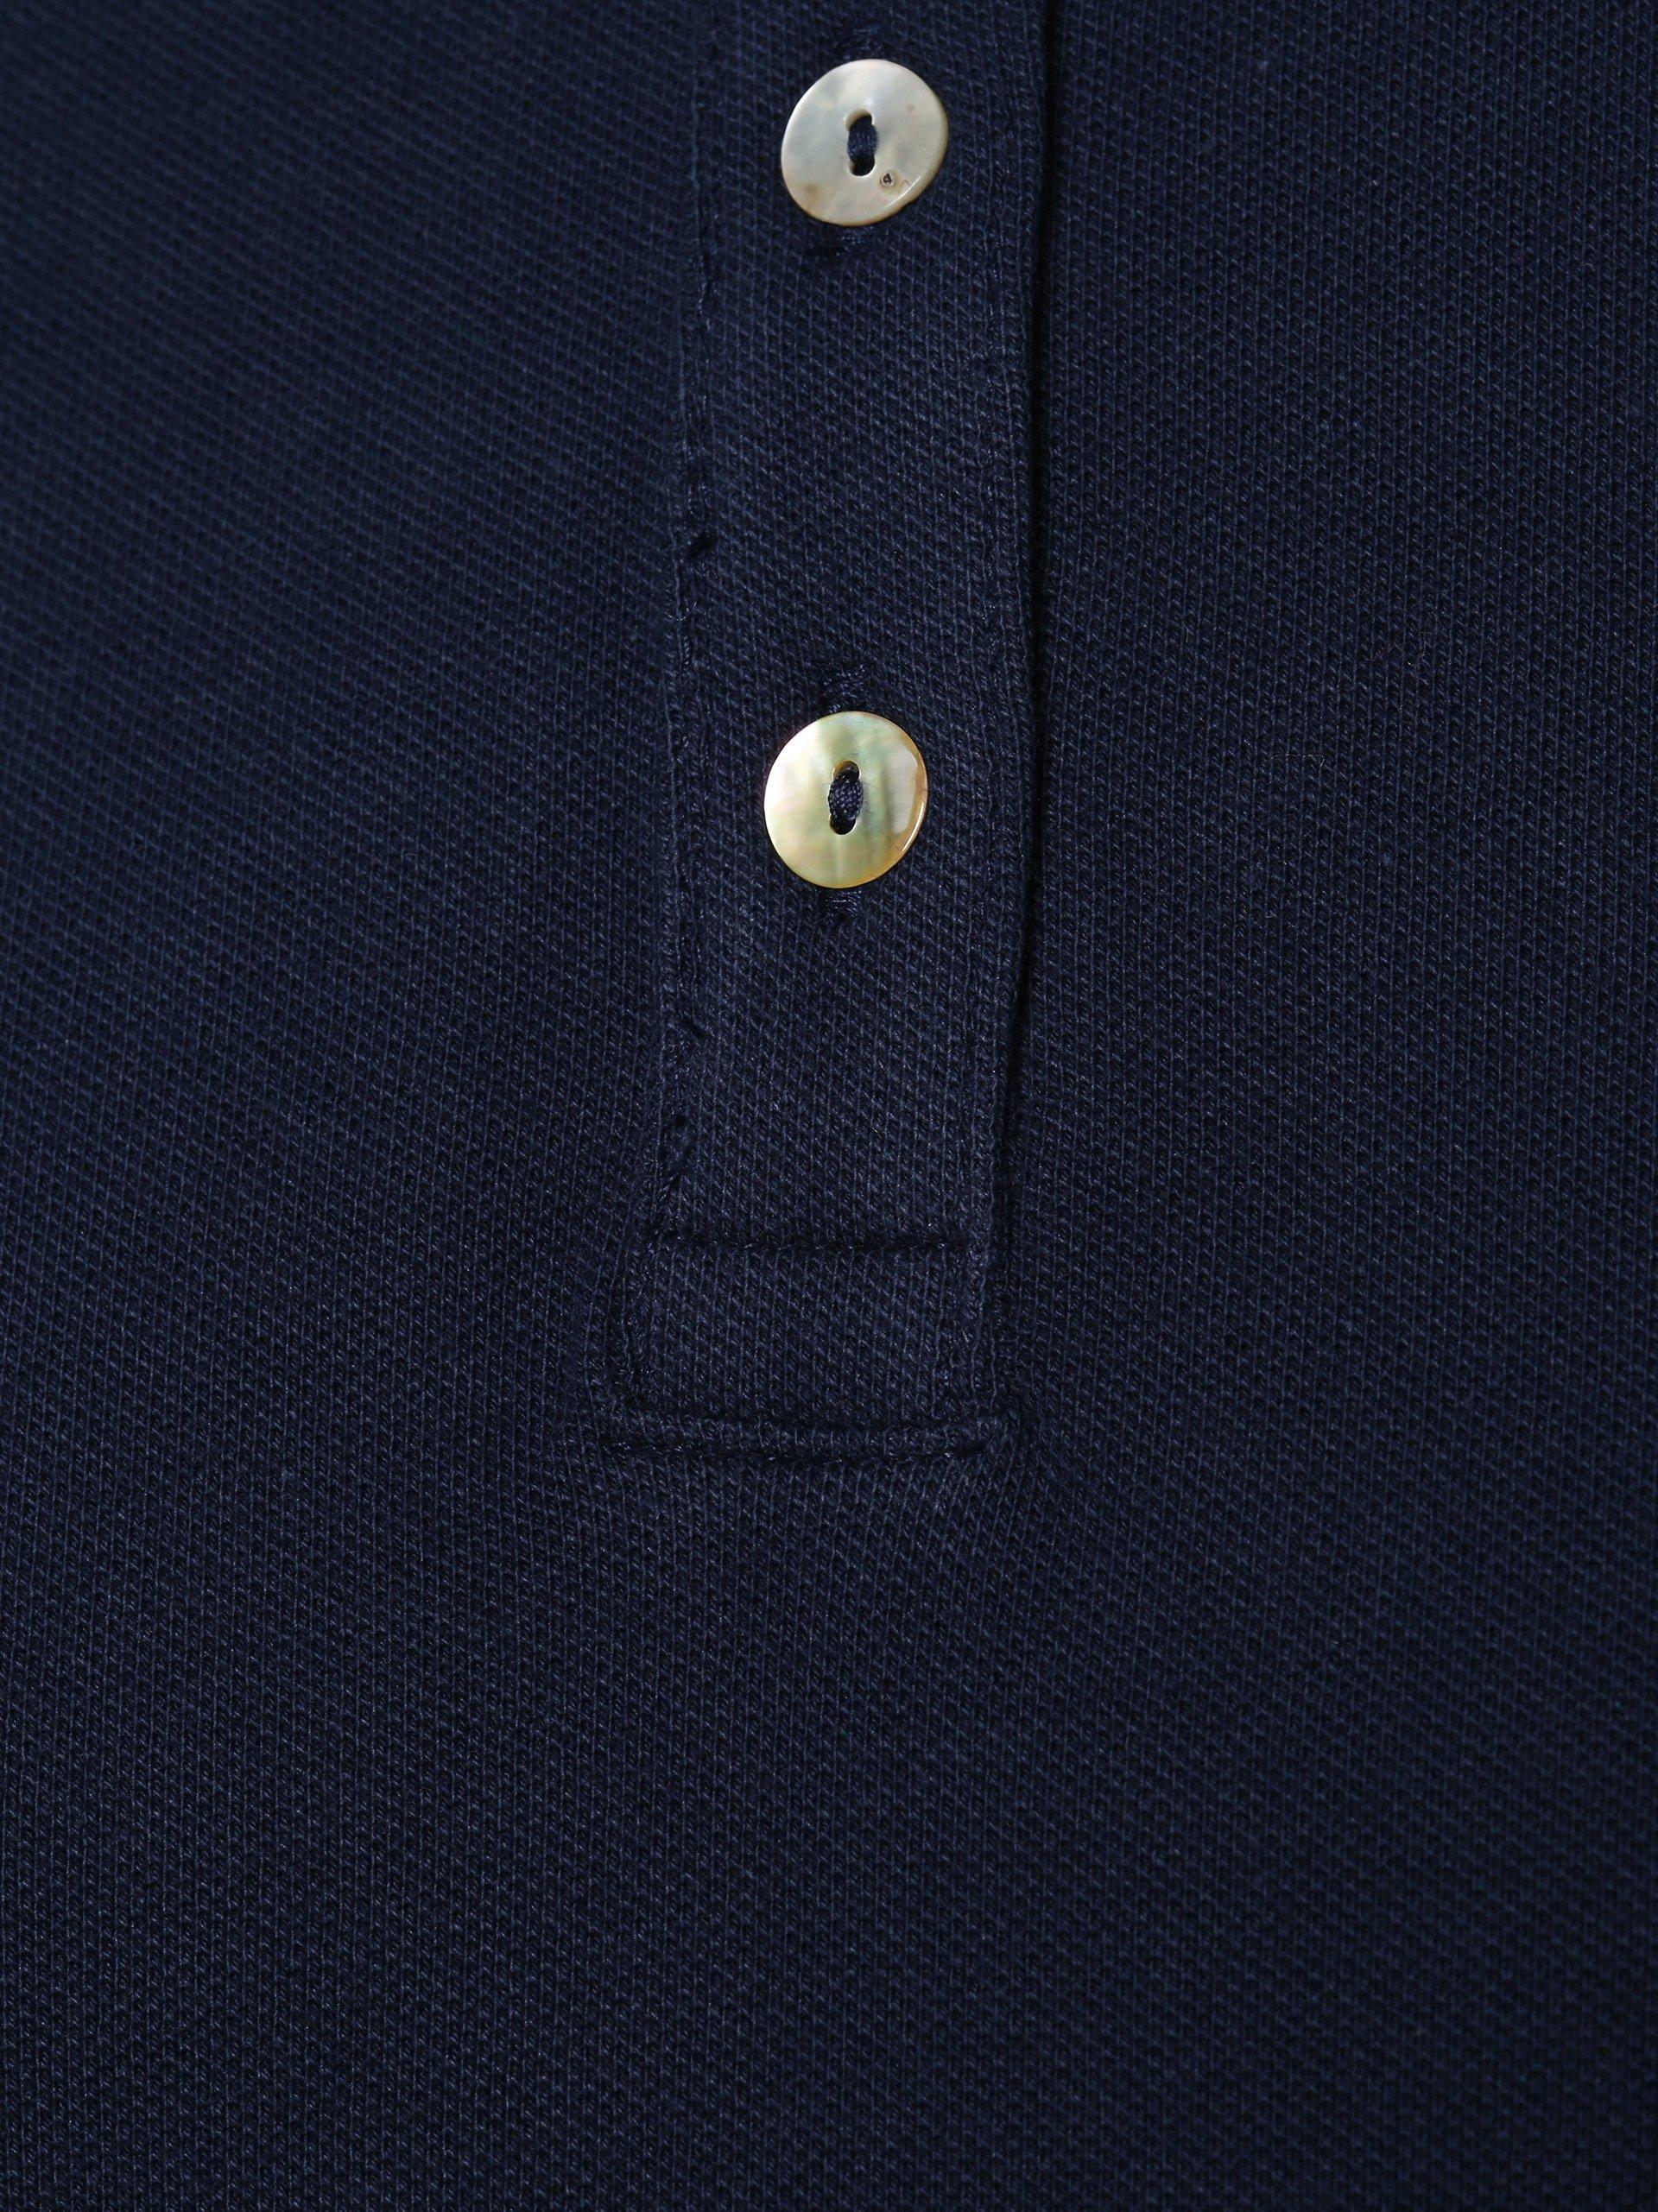 Esprit Casual Damska koszulka polo